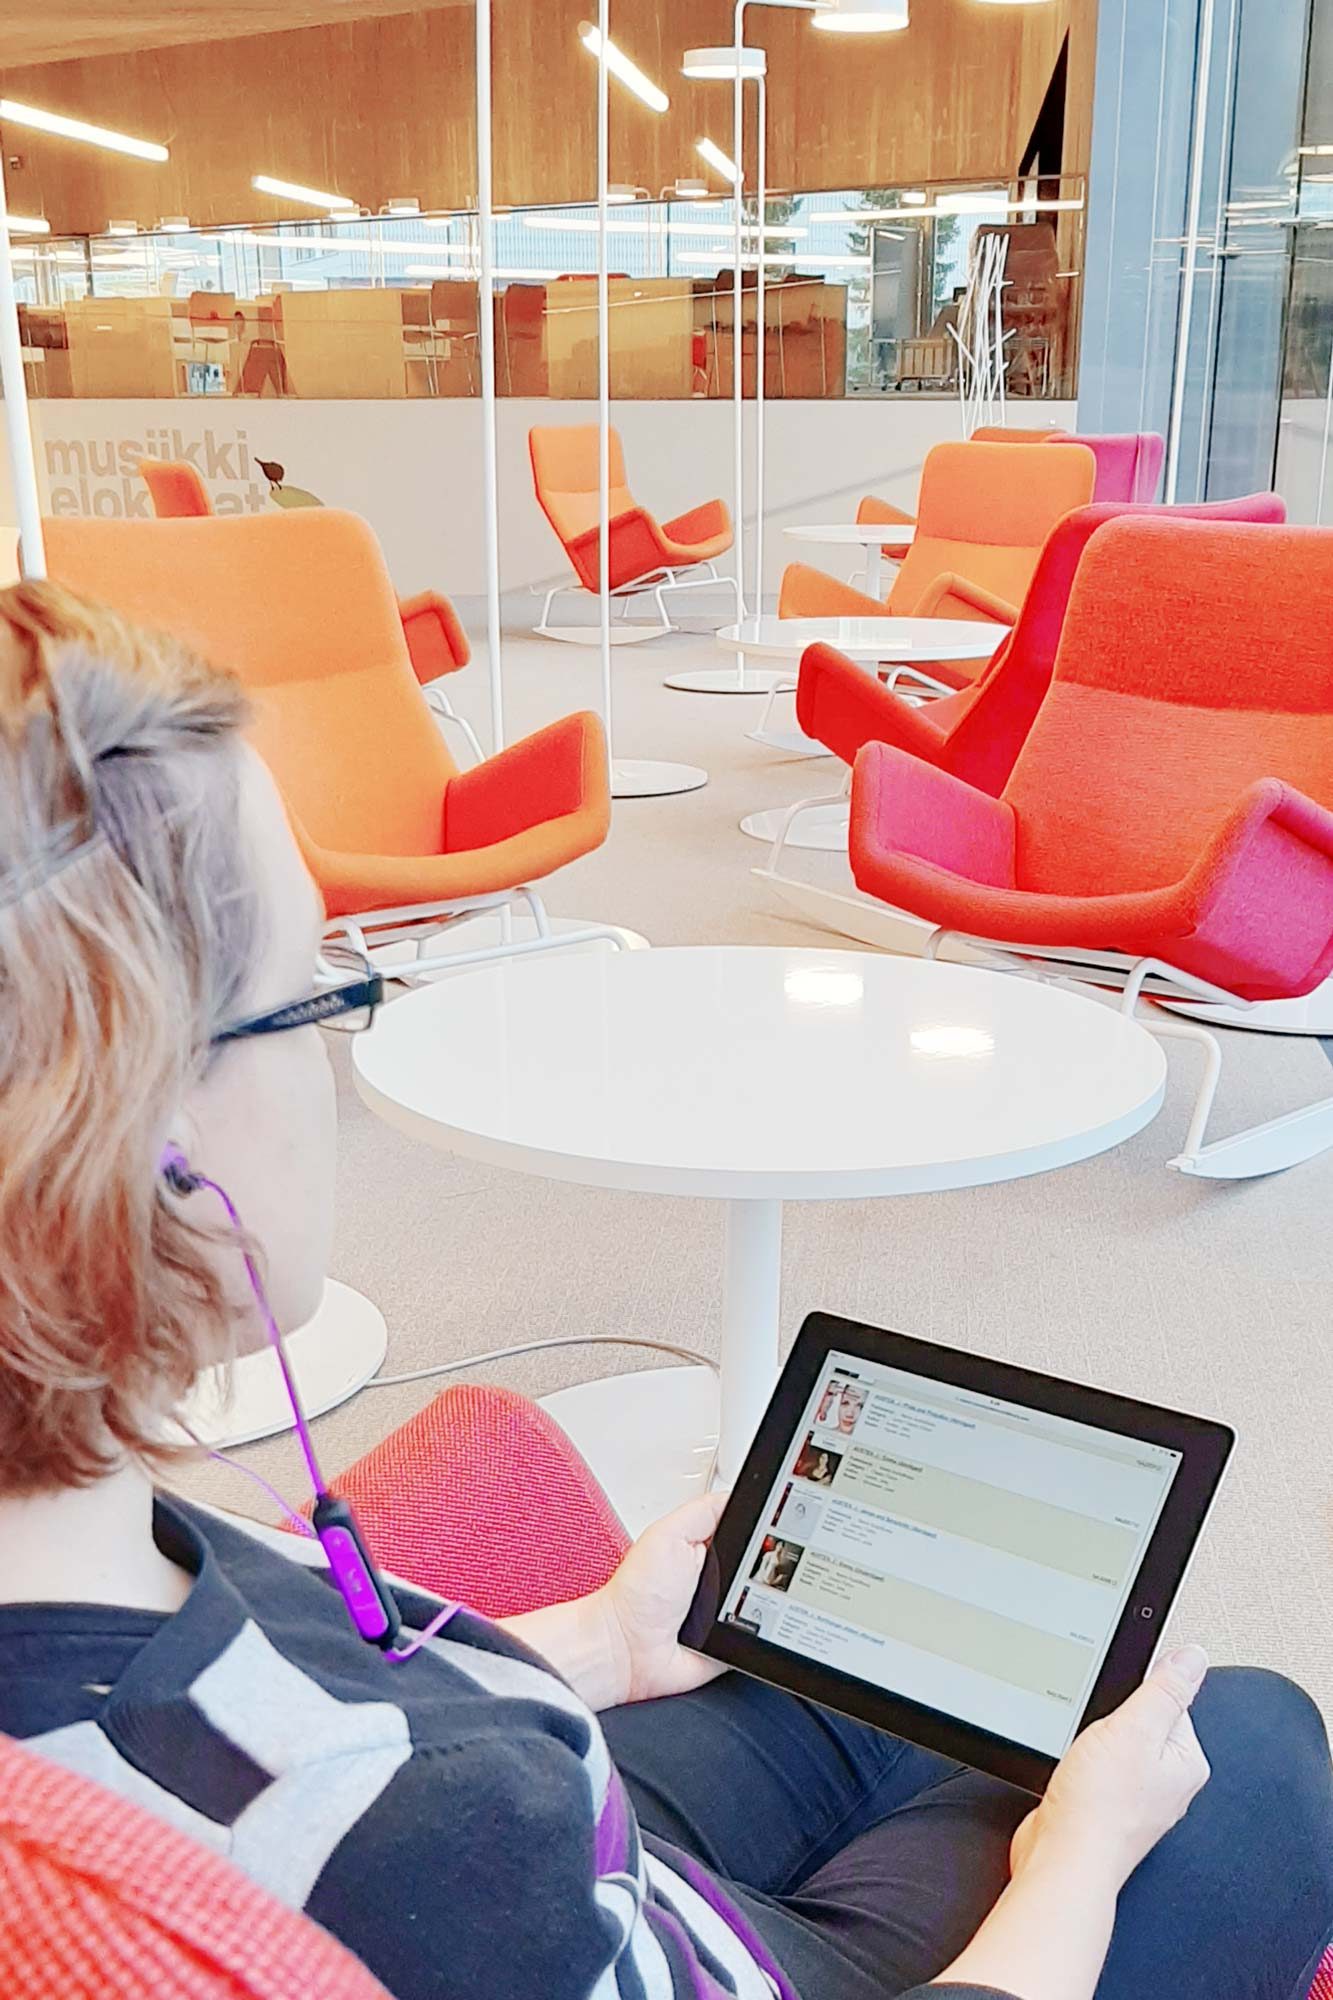 Seinäjoen kaupunginkirjastossa voi kuunnella musiikkia ja äänikirjoja